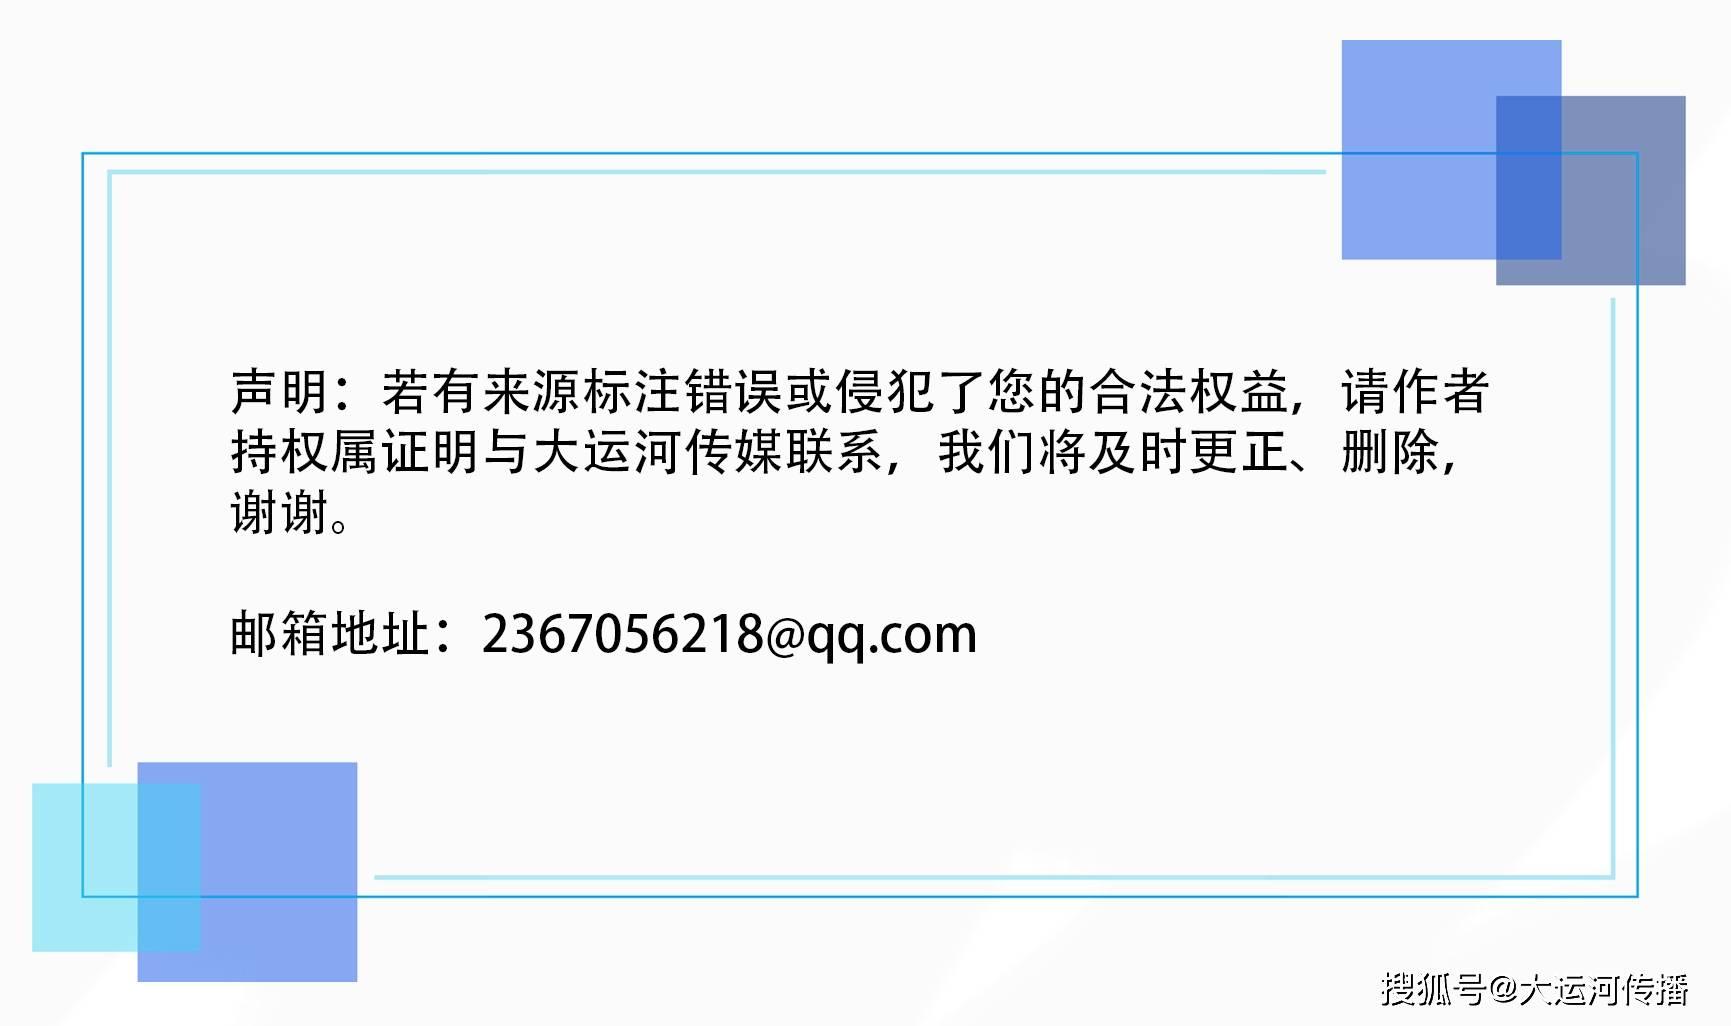 [重游运河图]——河北沧州篇